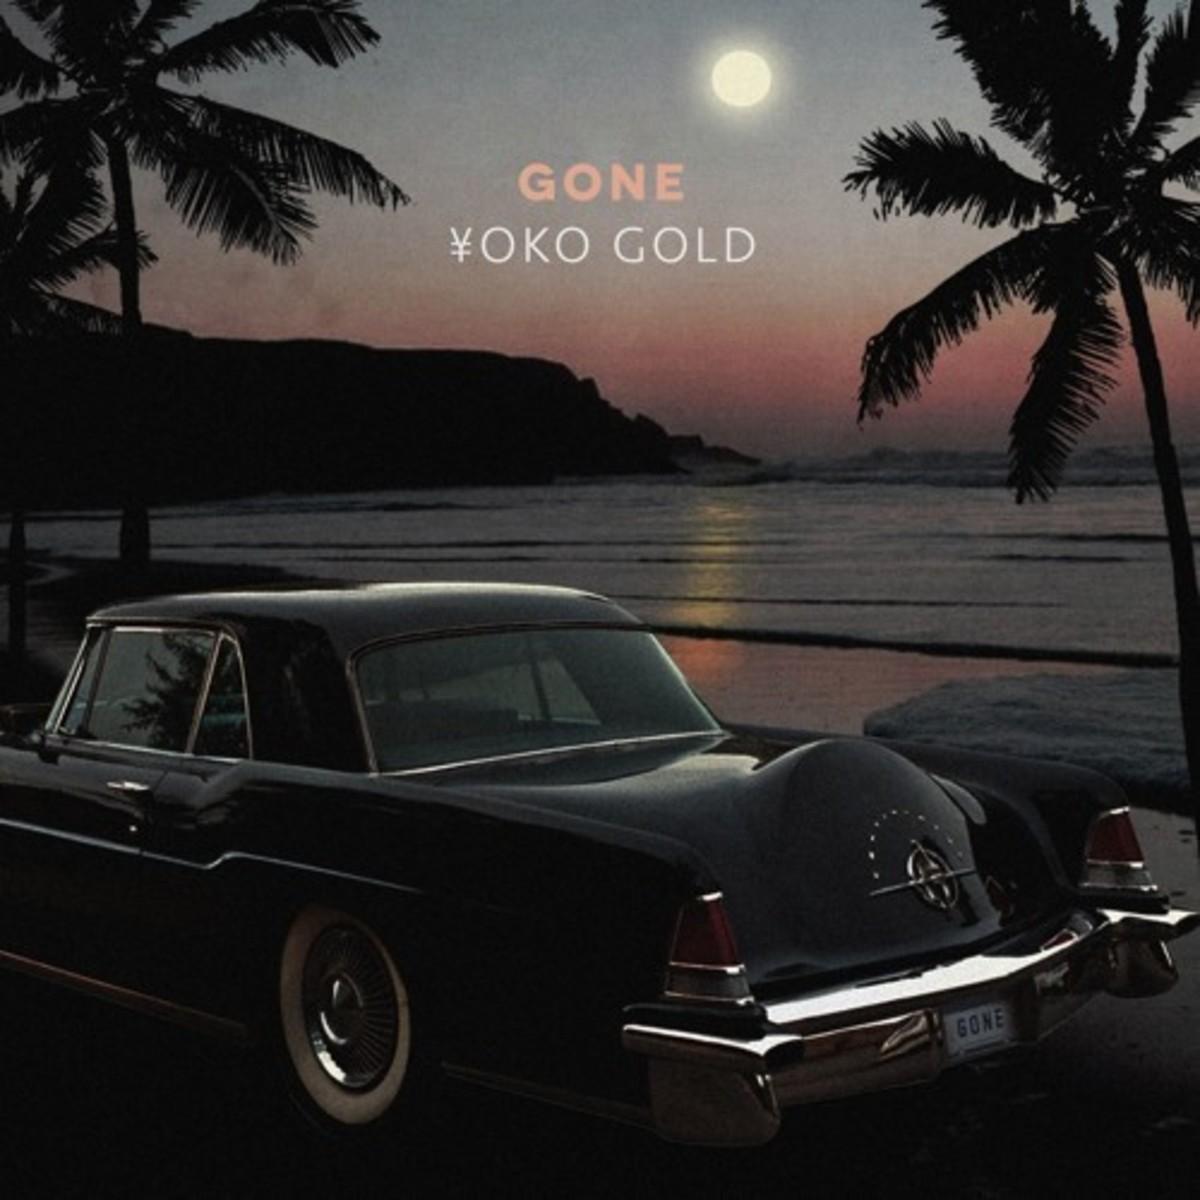 yoko-gold-gone.jpg